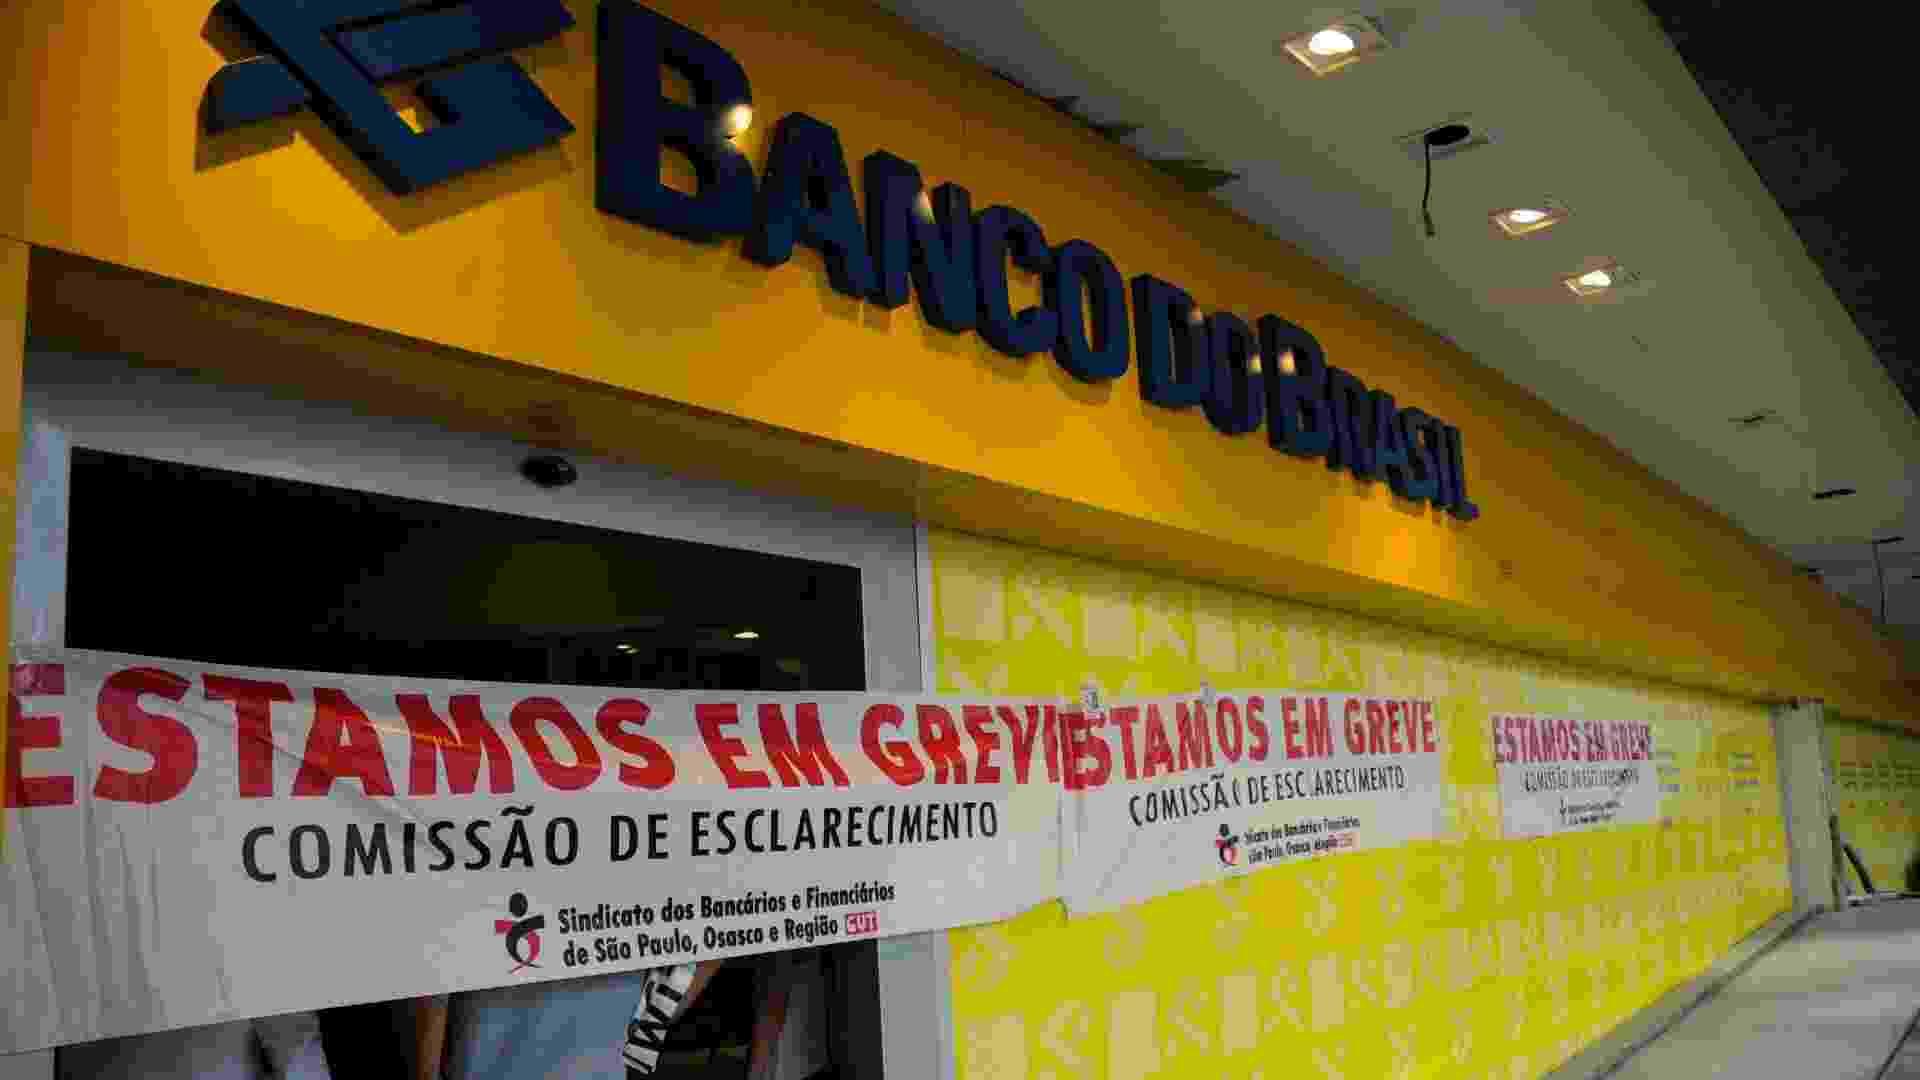 18.set.2012 - Agência do Banco do Brasil na Avenida Paulista amanhece em greve - Tércio Teixeira/Futura Press